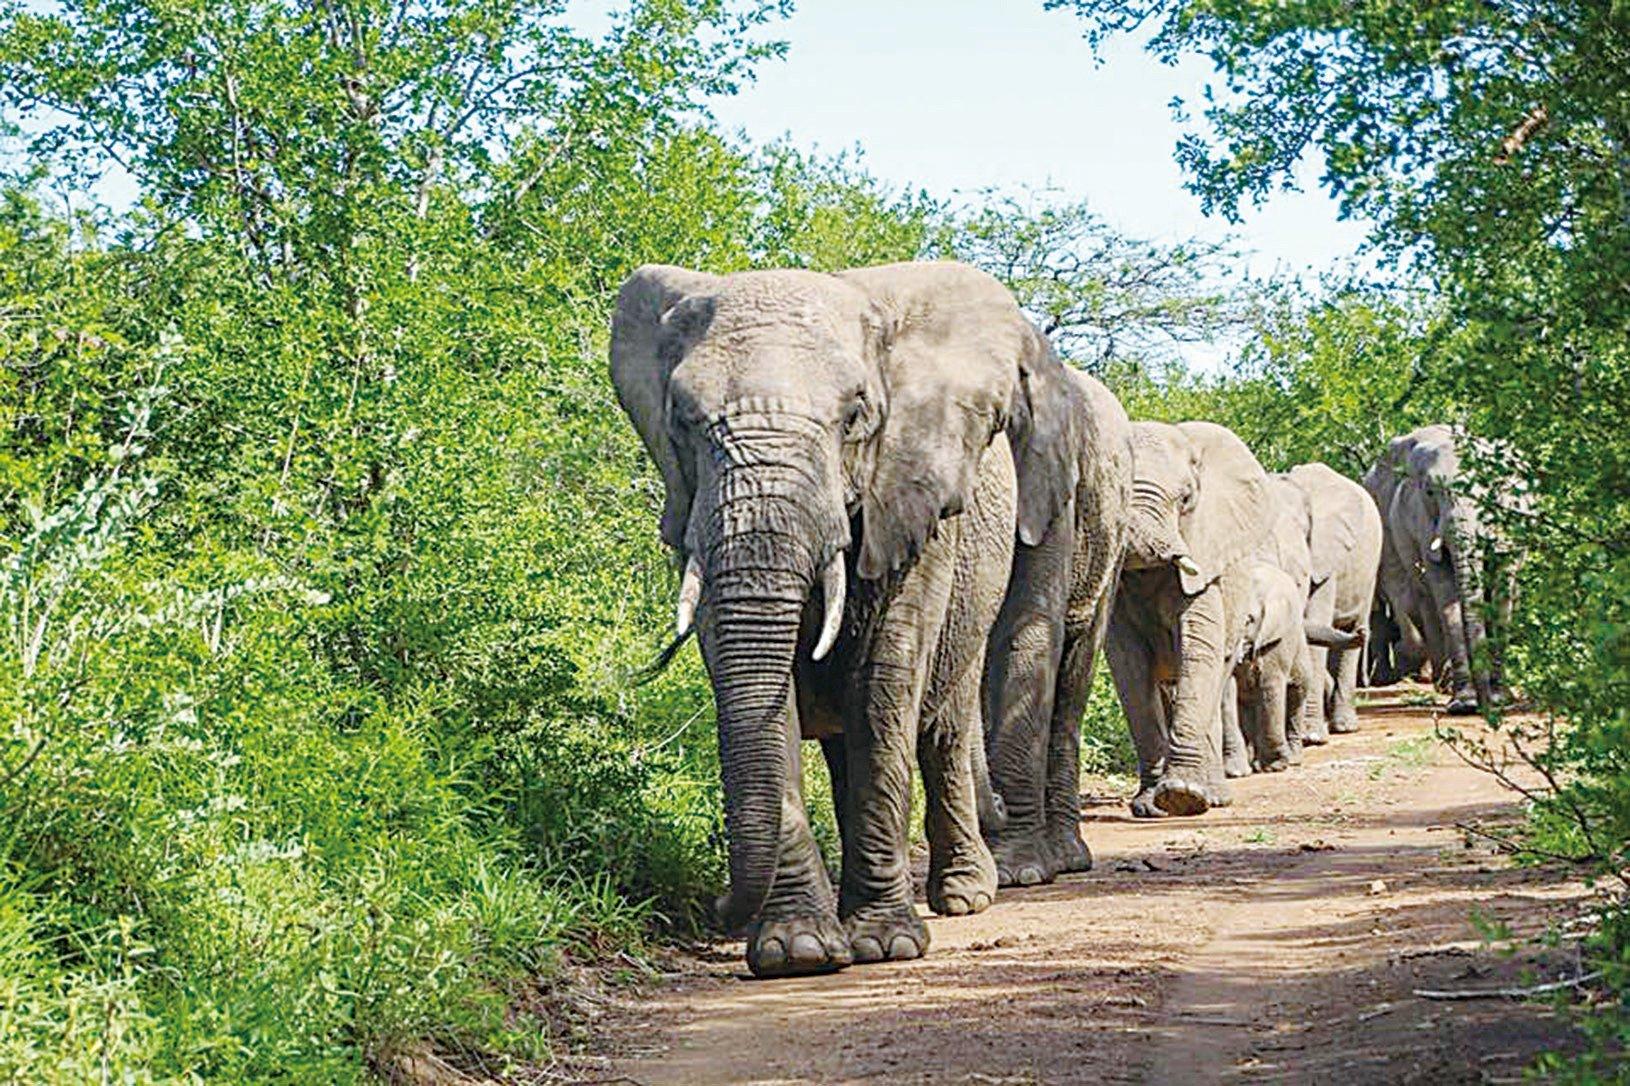 大象家族不惜辛苦徒步12小時,前往救命恩人生前家門前舉行哀悼儀式。牠們的恩人是全球知名動物保育家勞倫斯安東尼(Lawrence Anthony)。 (Thula Thula - Exclusive Private Game Reserve Facebook)